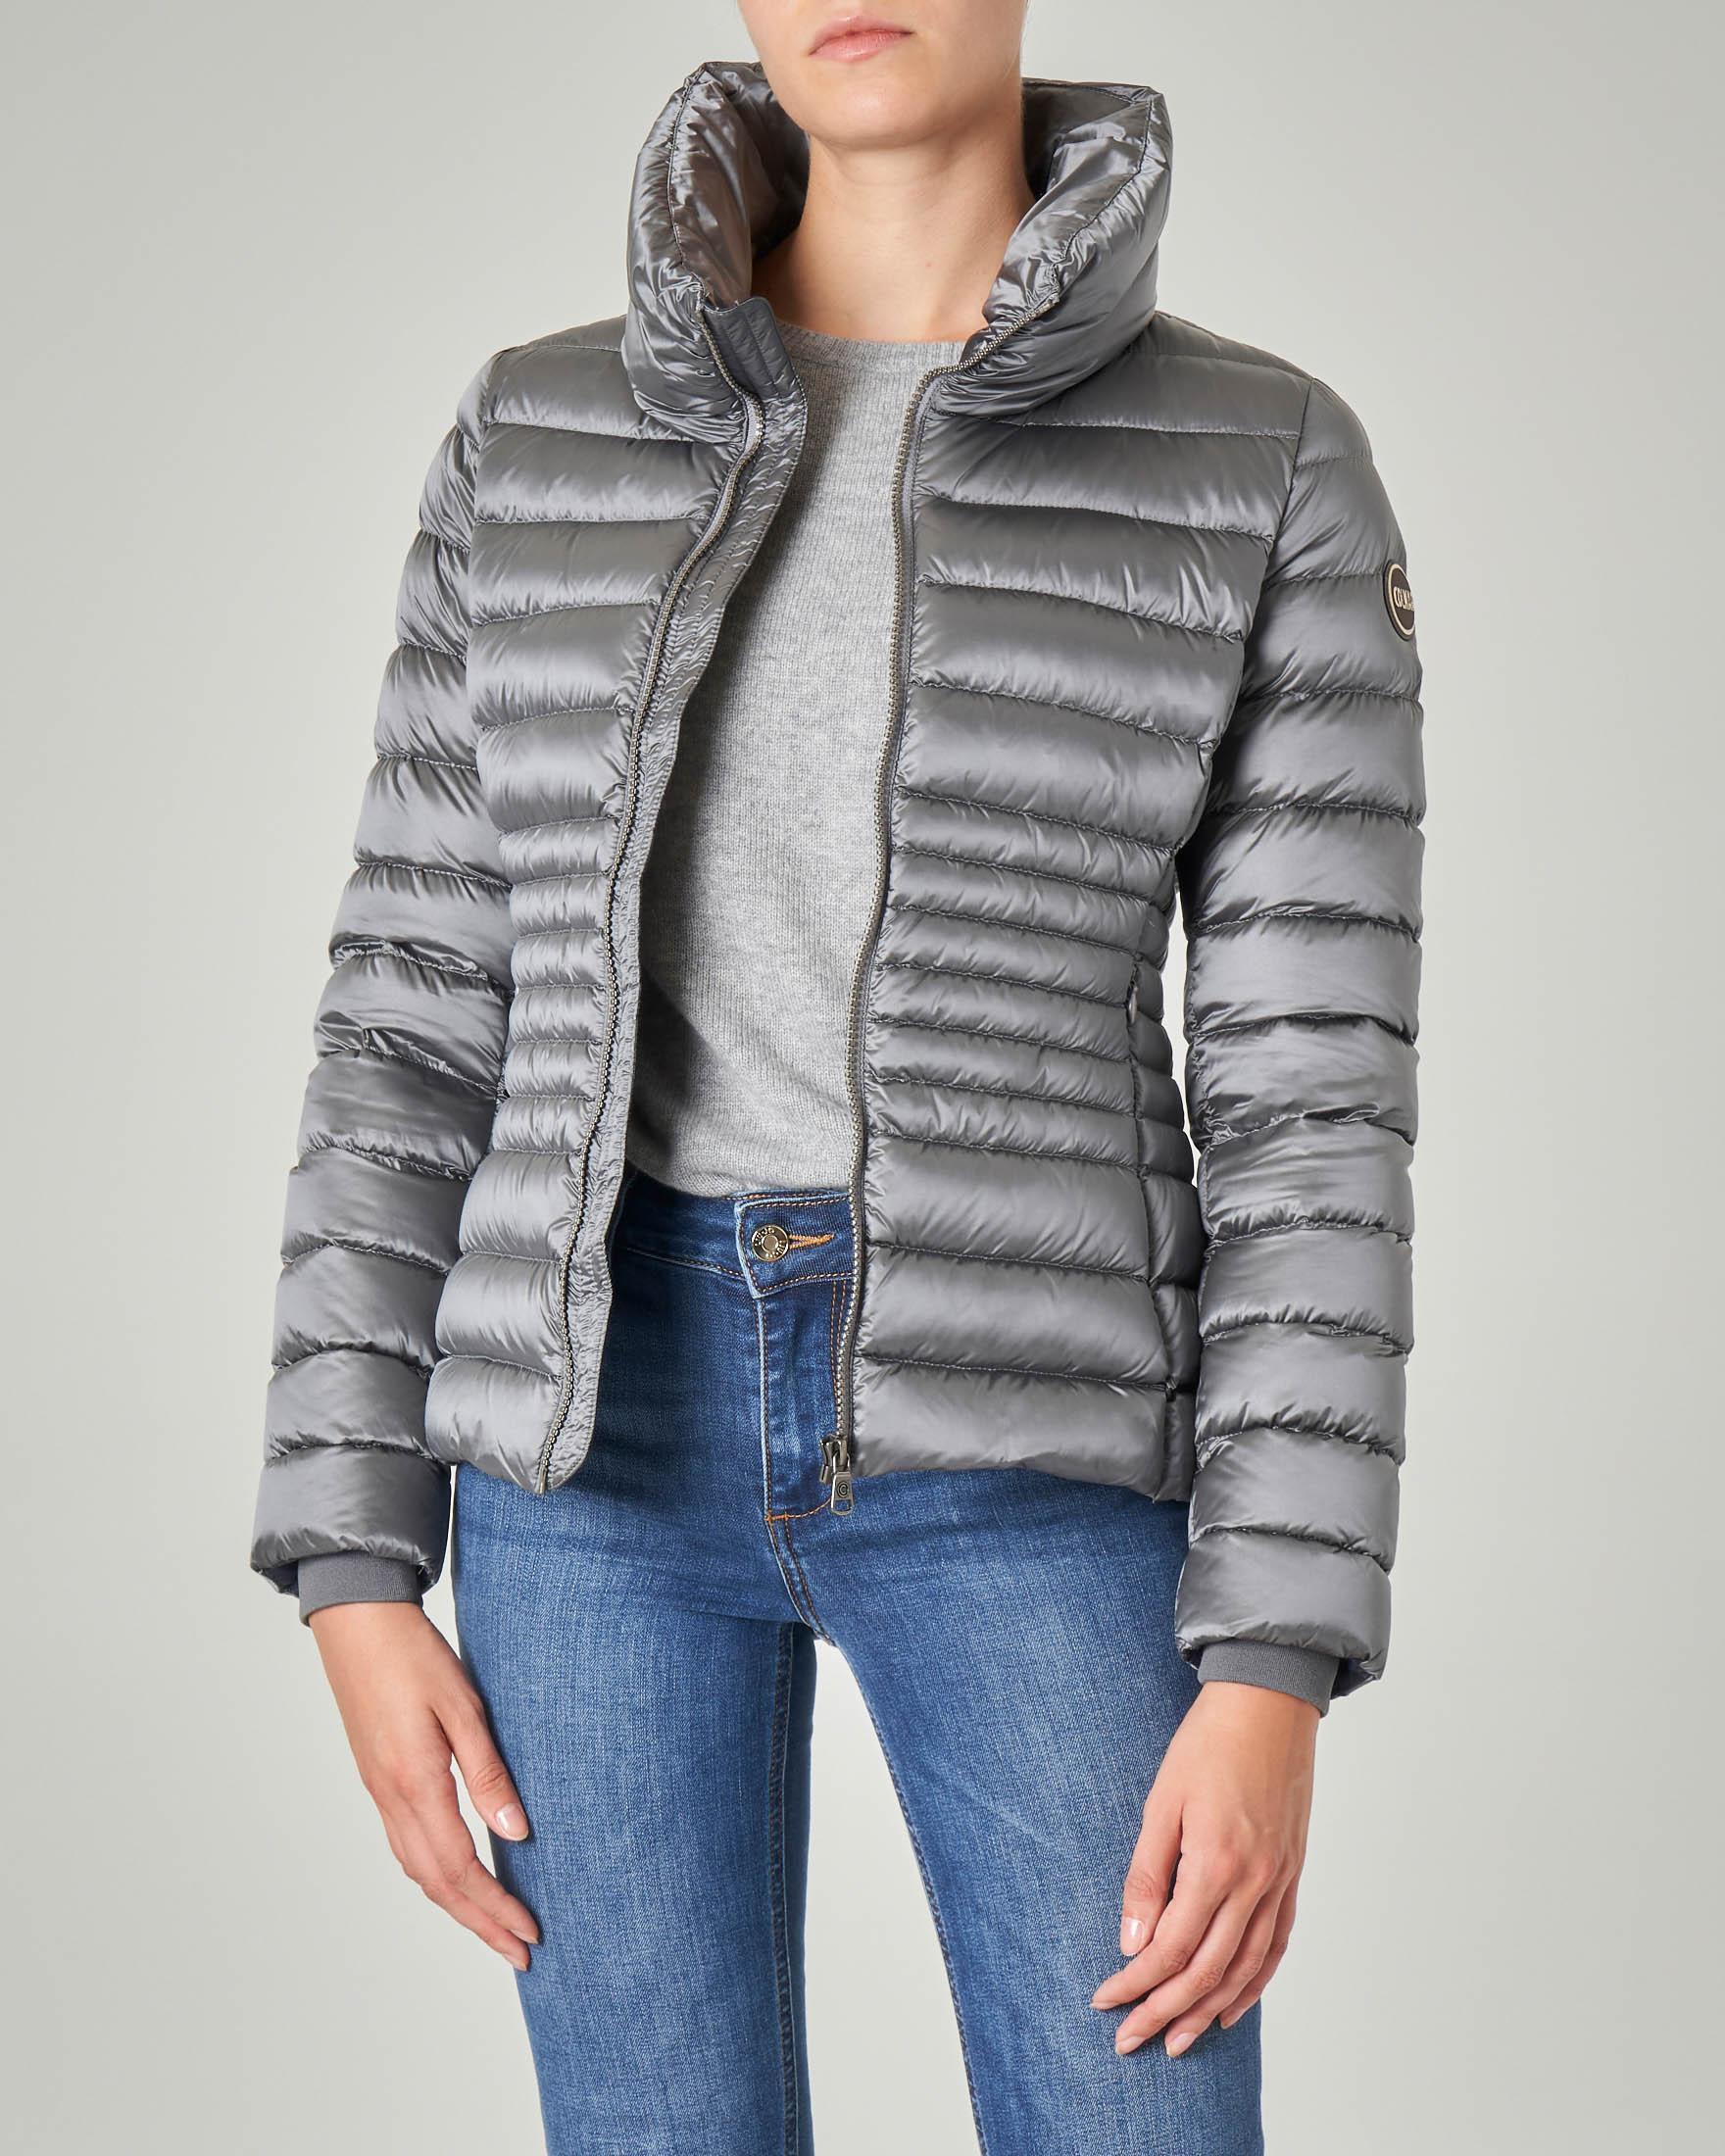 Piumino corto molto sfiancato colore grigio piombo effetto lucido con collo alto | Pellizzari E commerce